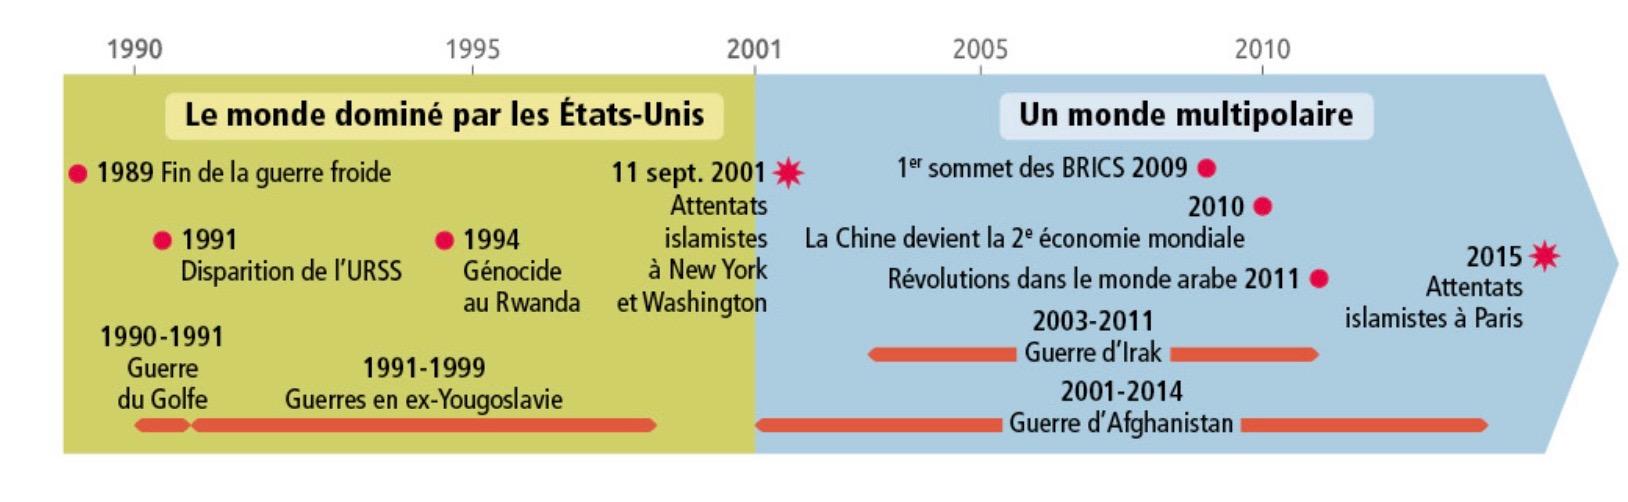 Cours 3e Enjeux Et Conflits Dans Le Monde Depuis 1989 Blog